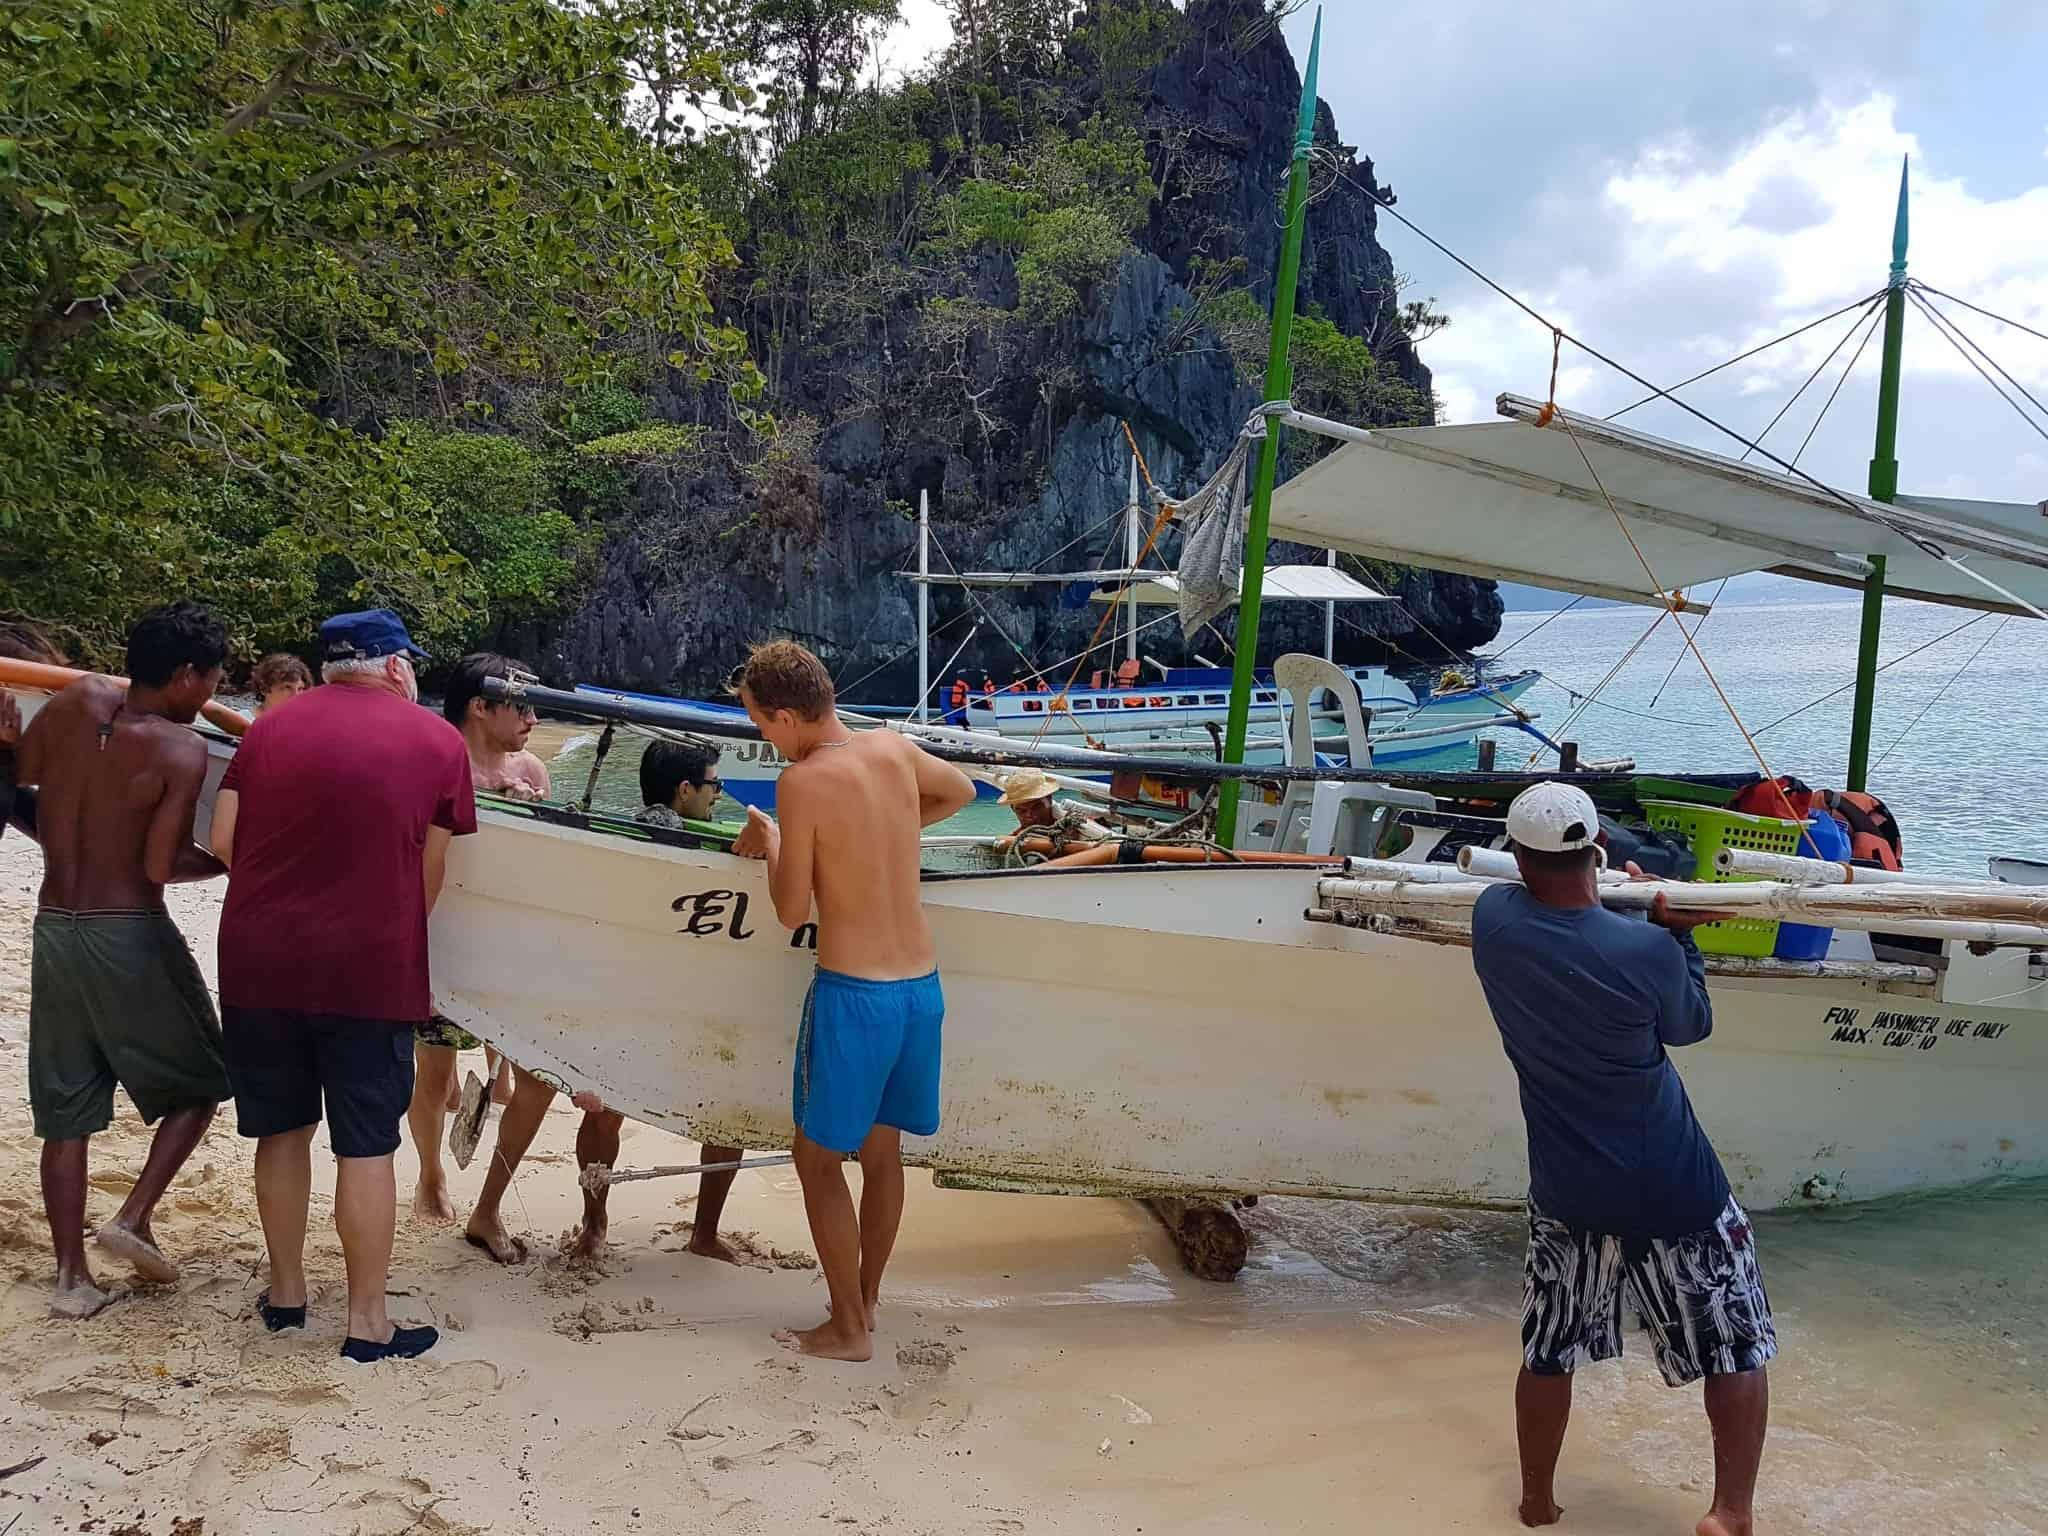 Philippines, El Nido et ses tours en bateau qui t'en mettent plein les yeux ⛵ 16